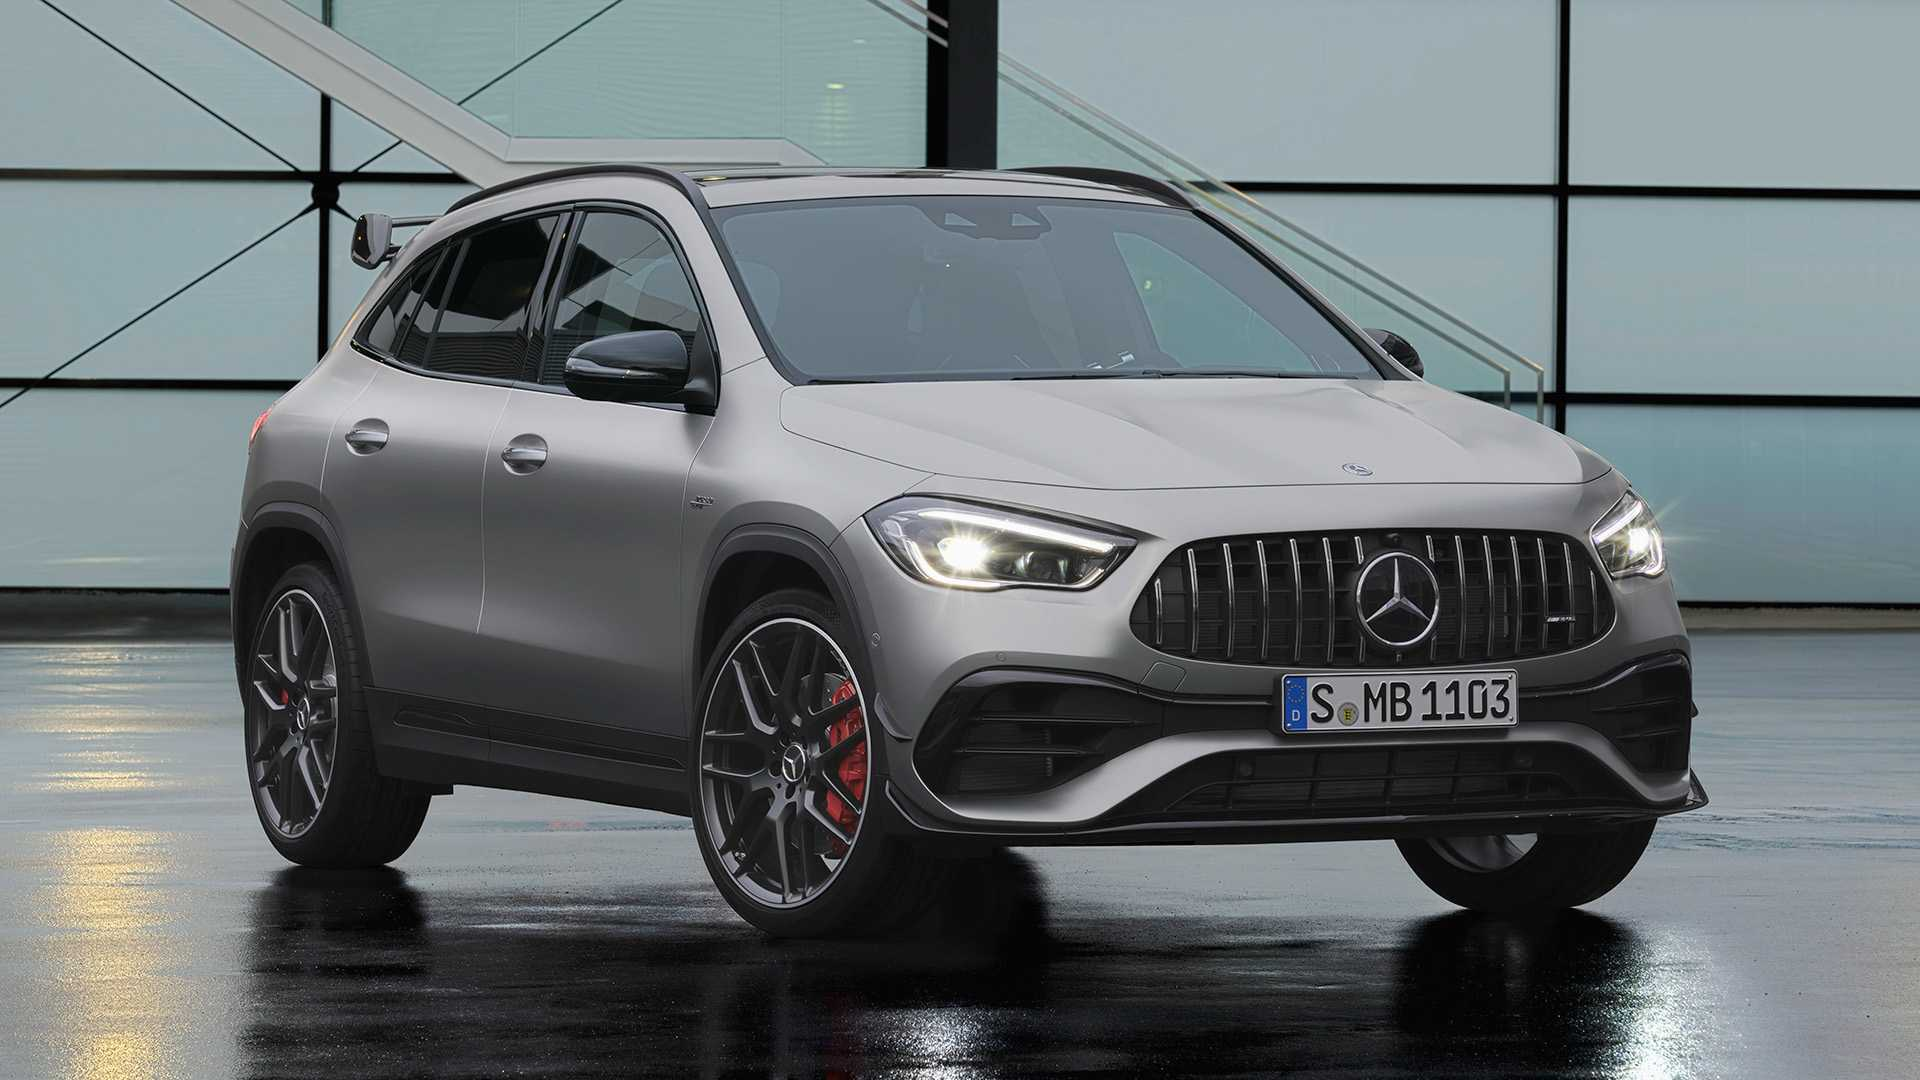 Узнать Mercedes-AMG GLA 45 не составит труда благодаря собственному аеродинамическому обвесу, выразительномцу бамперу и стильным легкосплавным дискам